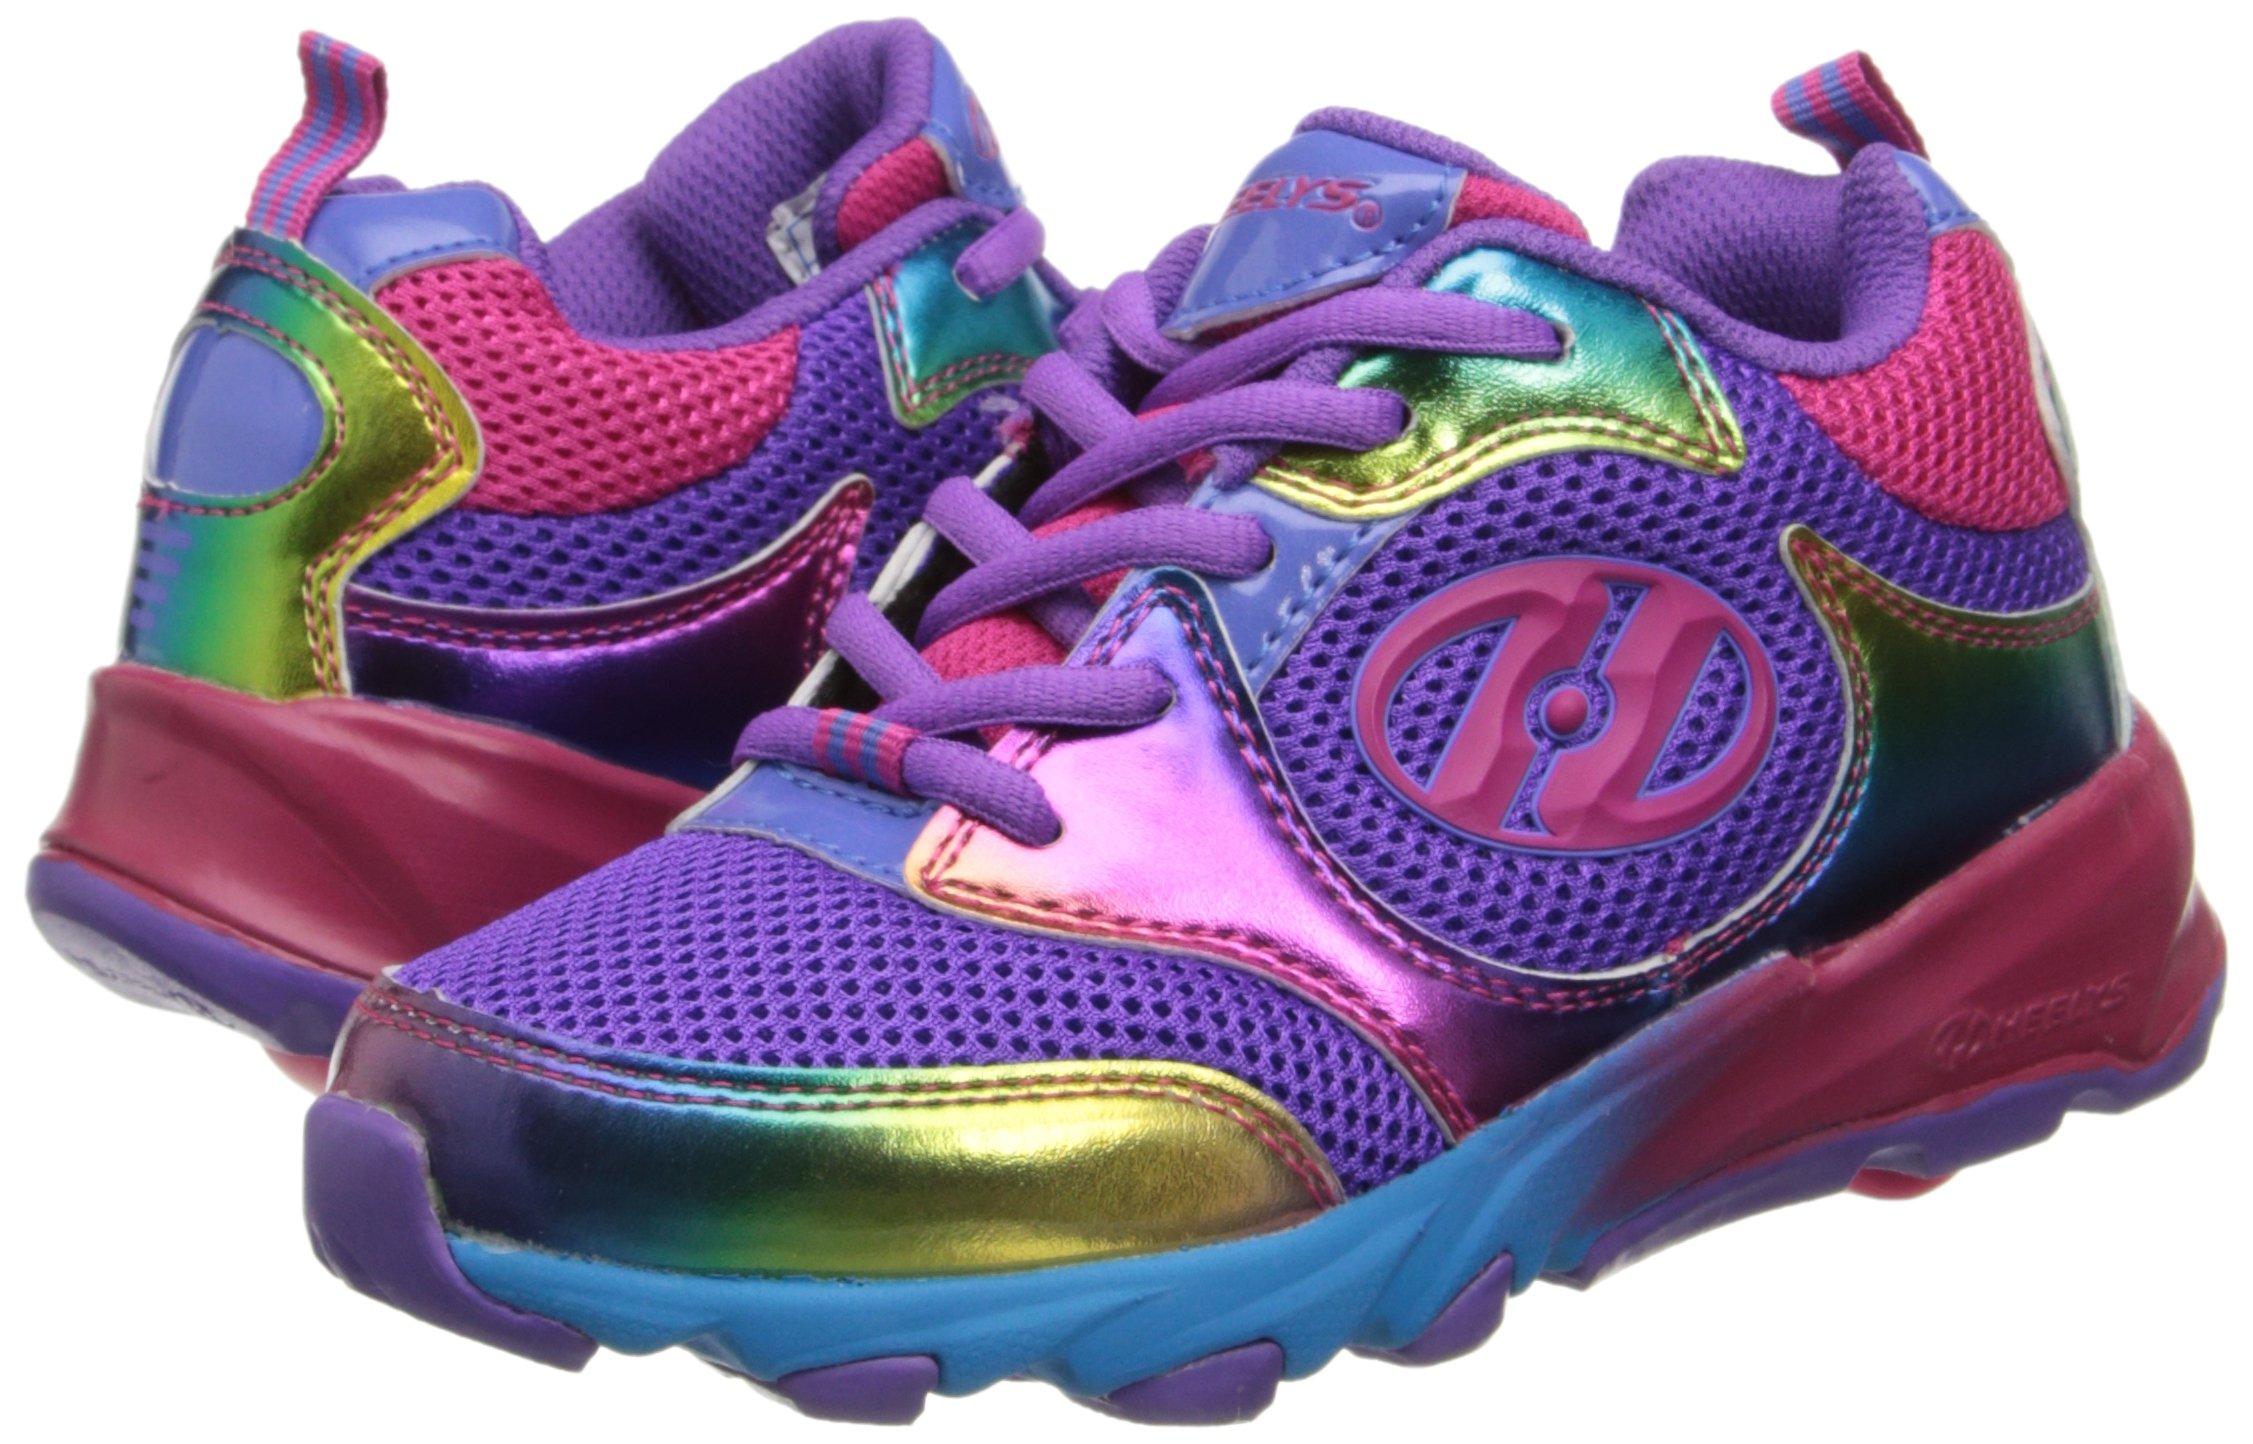 Heelys Race Skate Shoe (Little Kid/Big Kid),Purple/Rainbow,2 M US Little Kid by Heelys (Image #6)